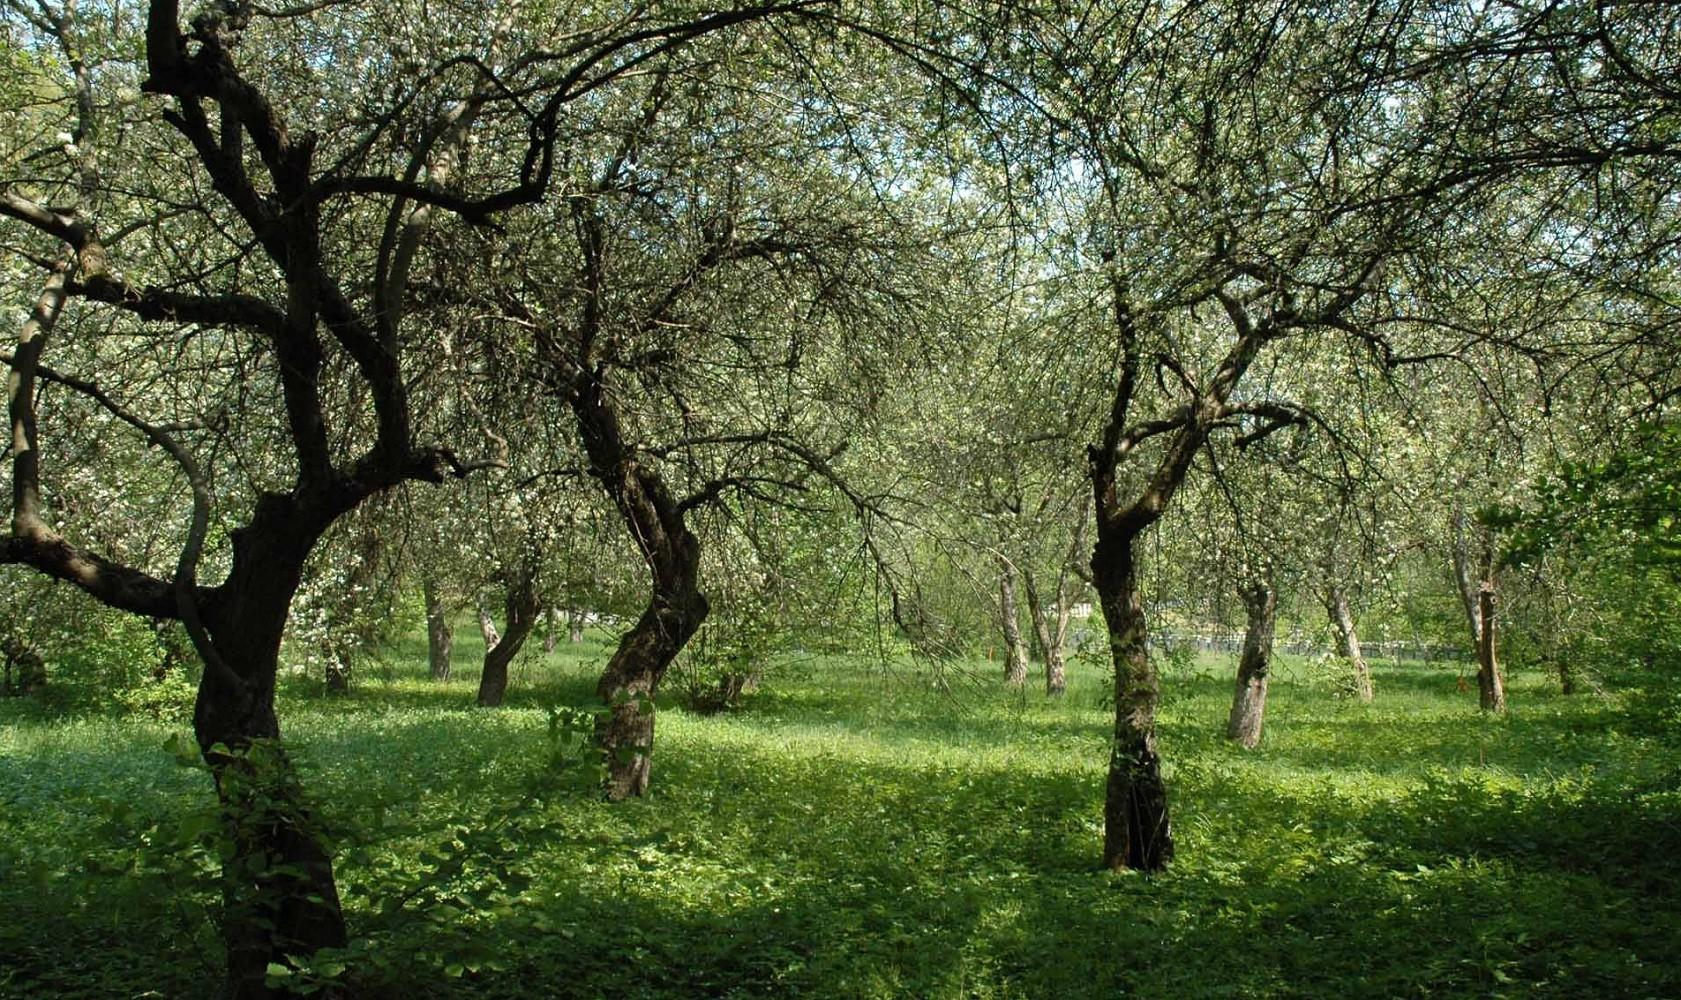 Így élesztik újjá a zártkertek gyümölcsöseit és szőlőit